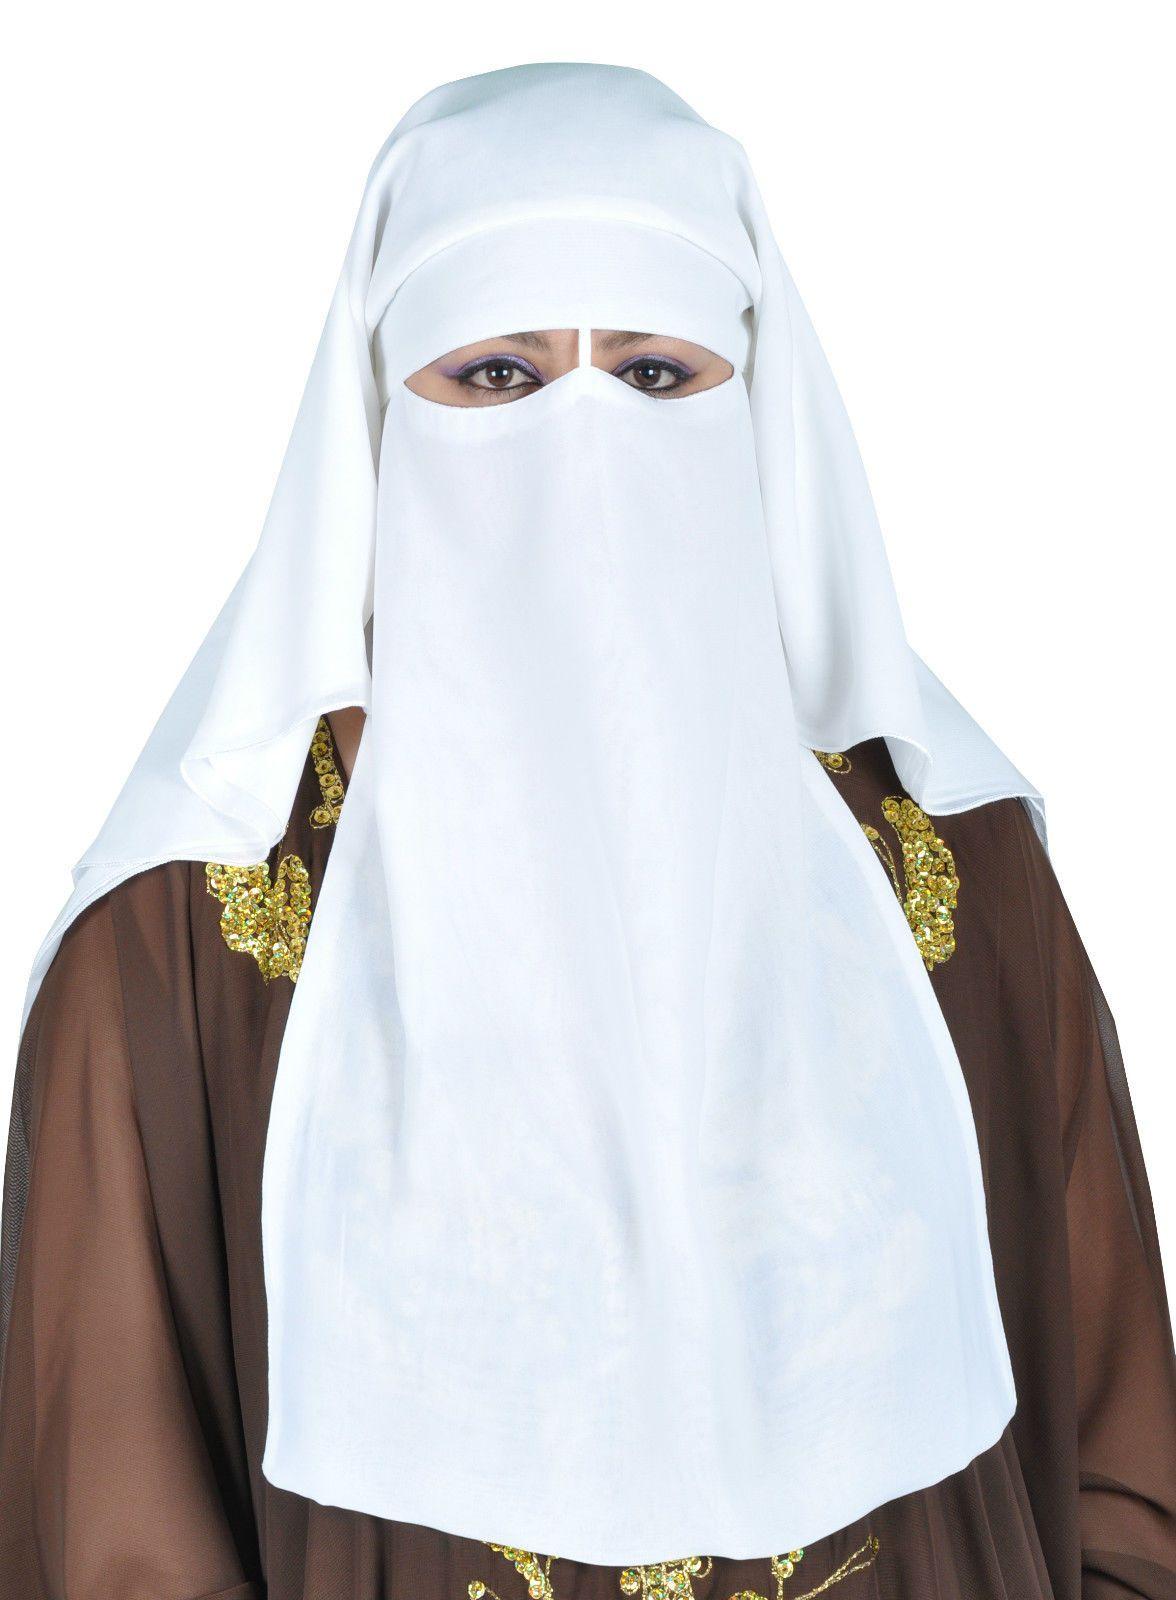 niqab dreilagig - hijab gesichtsschleier burka khimar